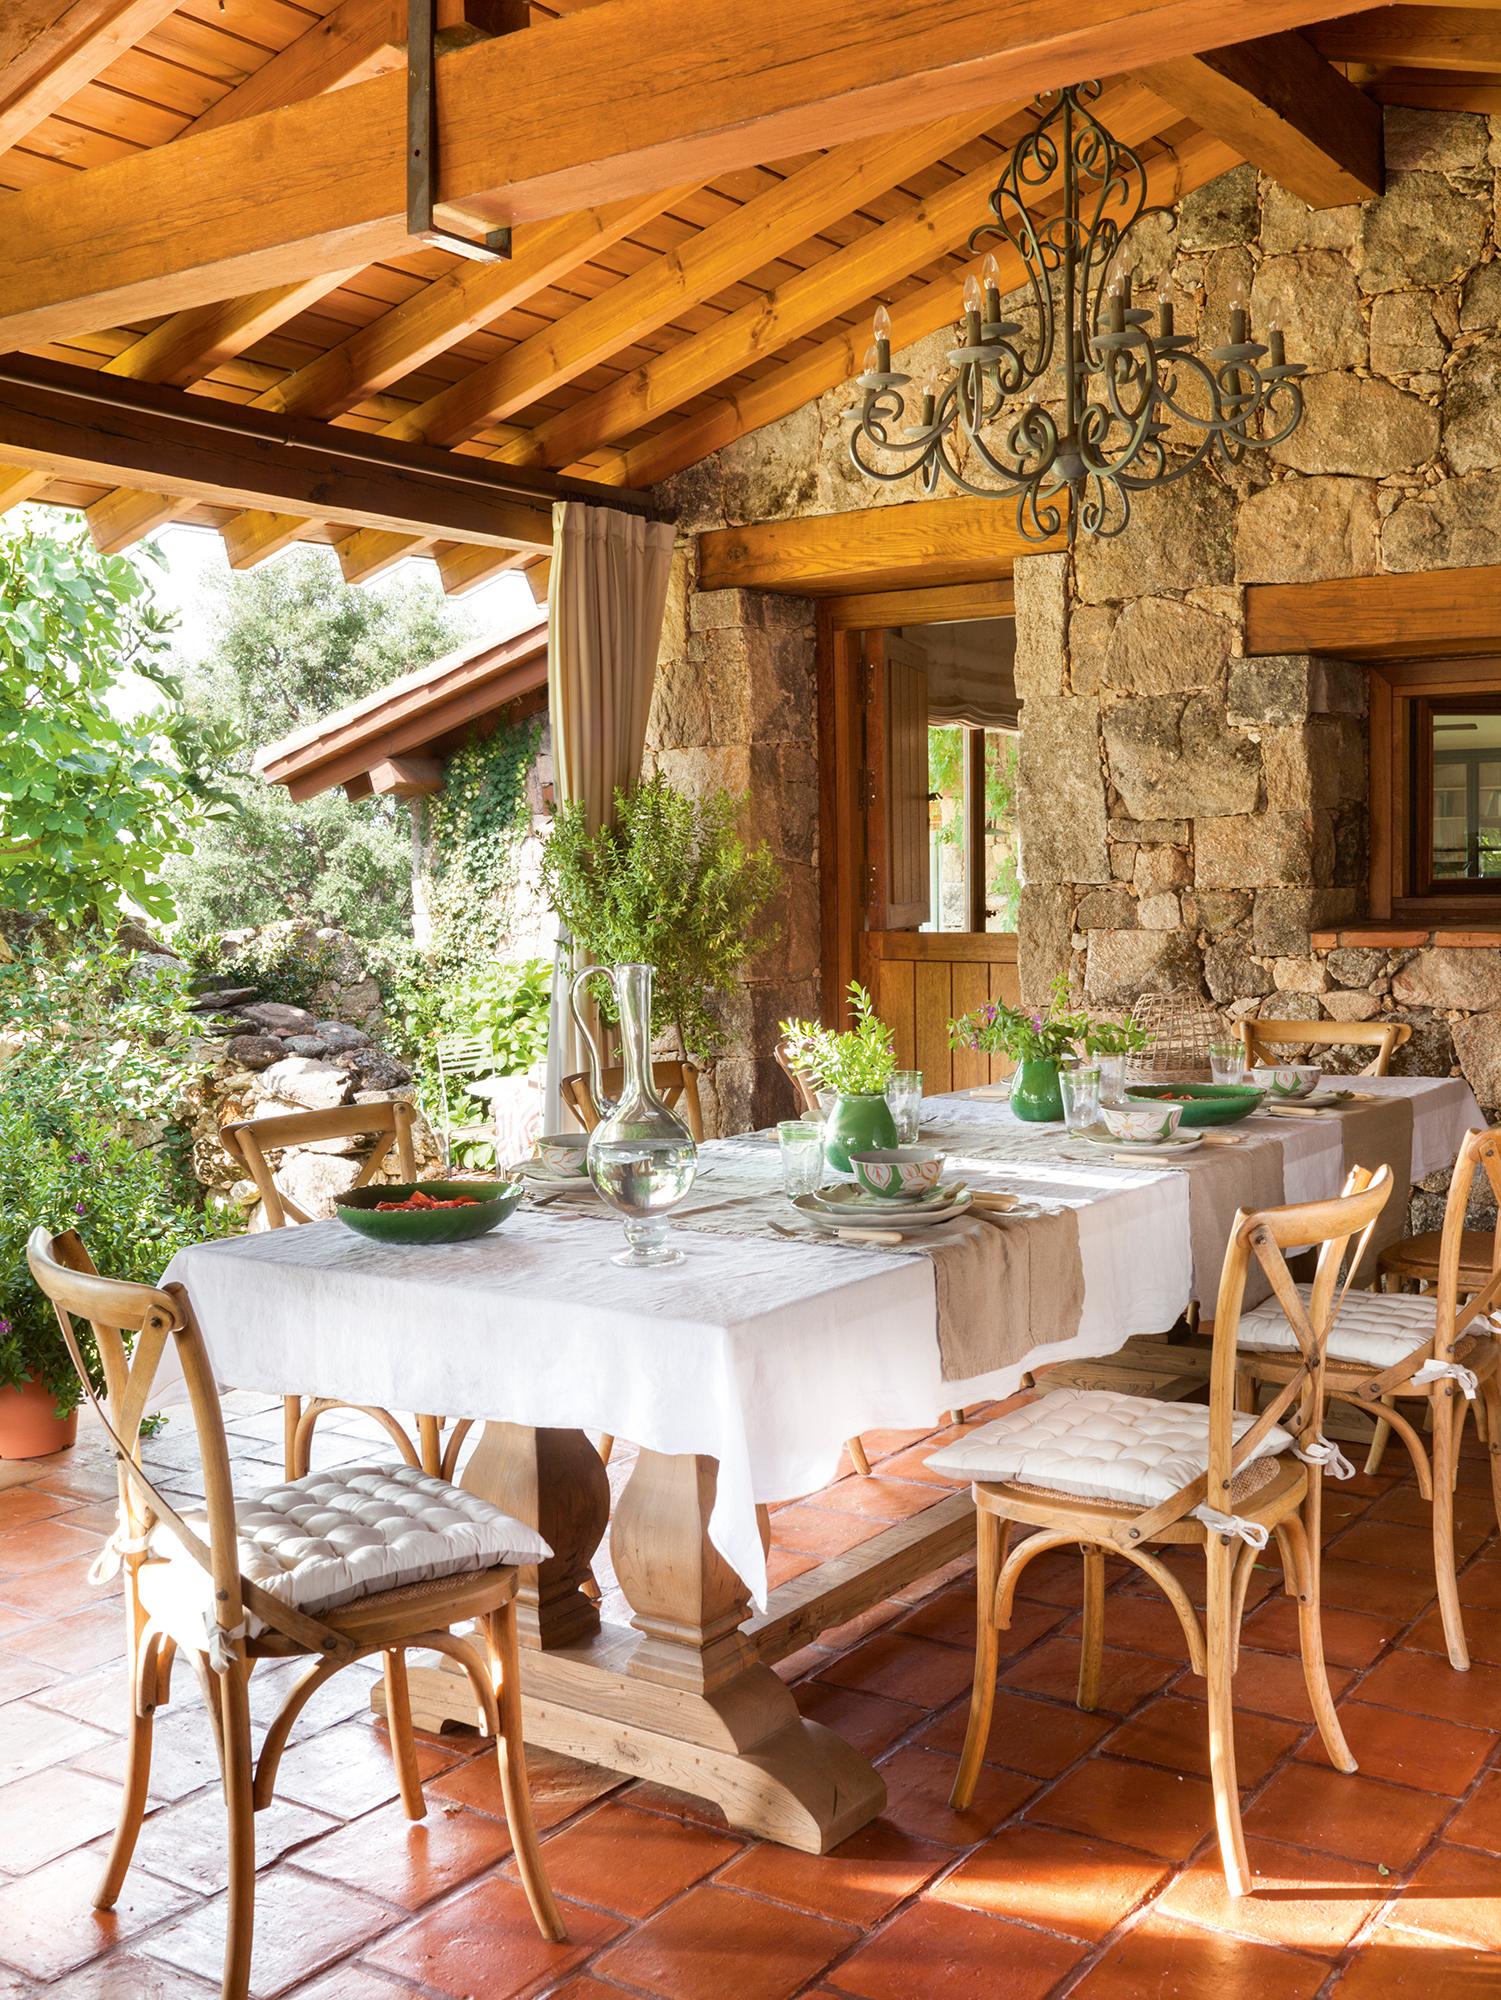 Comedores exteriores para terrazas ideas de disenos for Comedores de exterior baratos